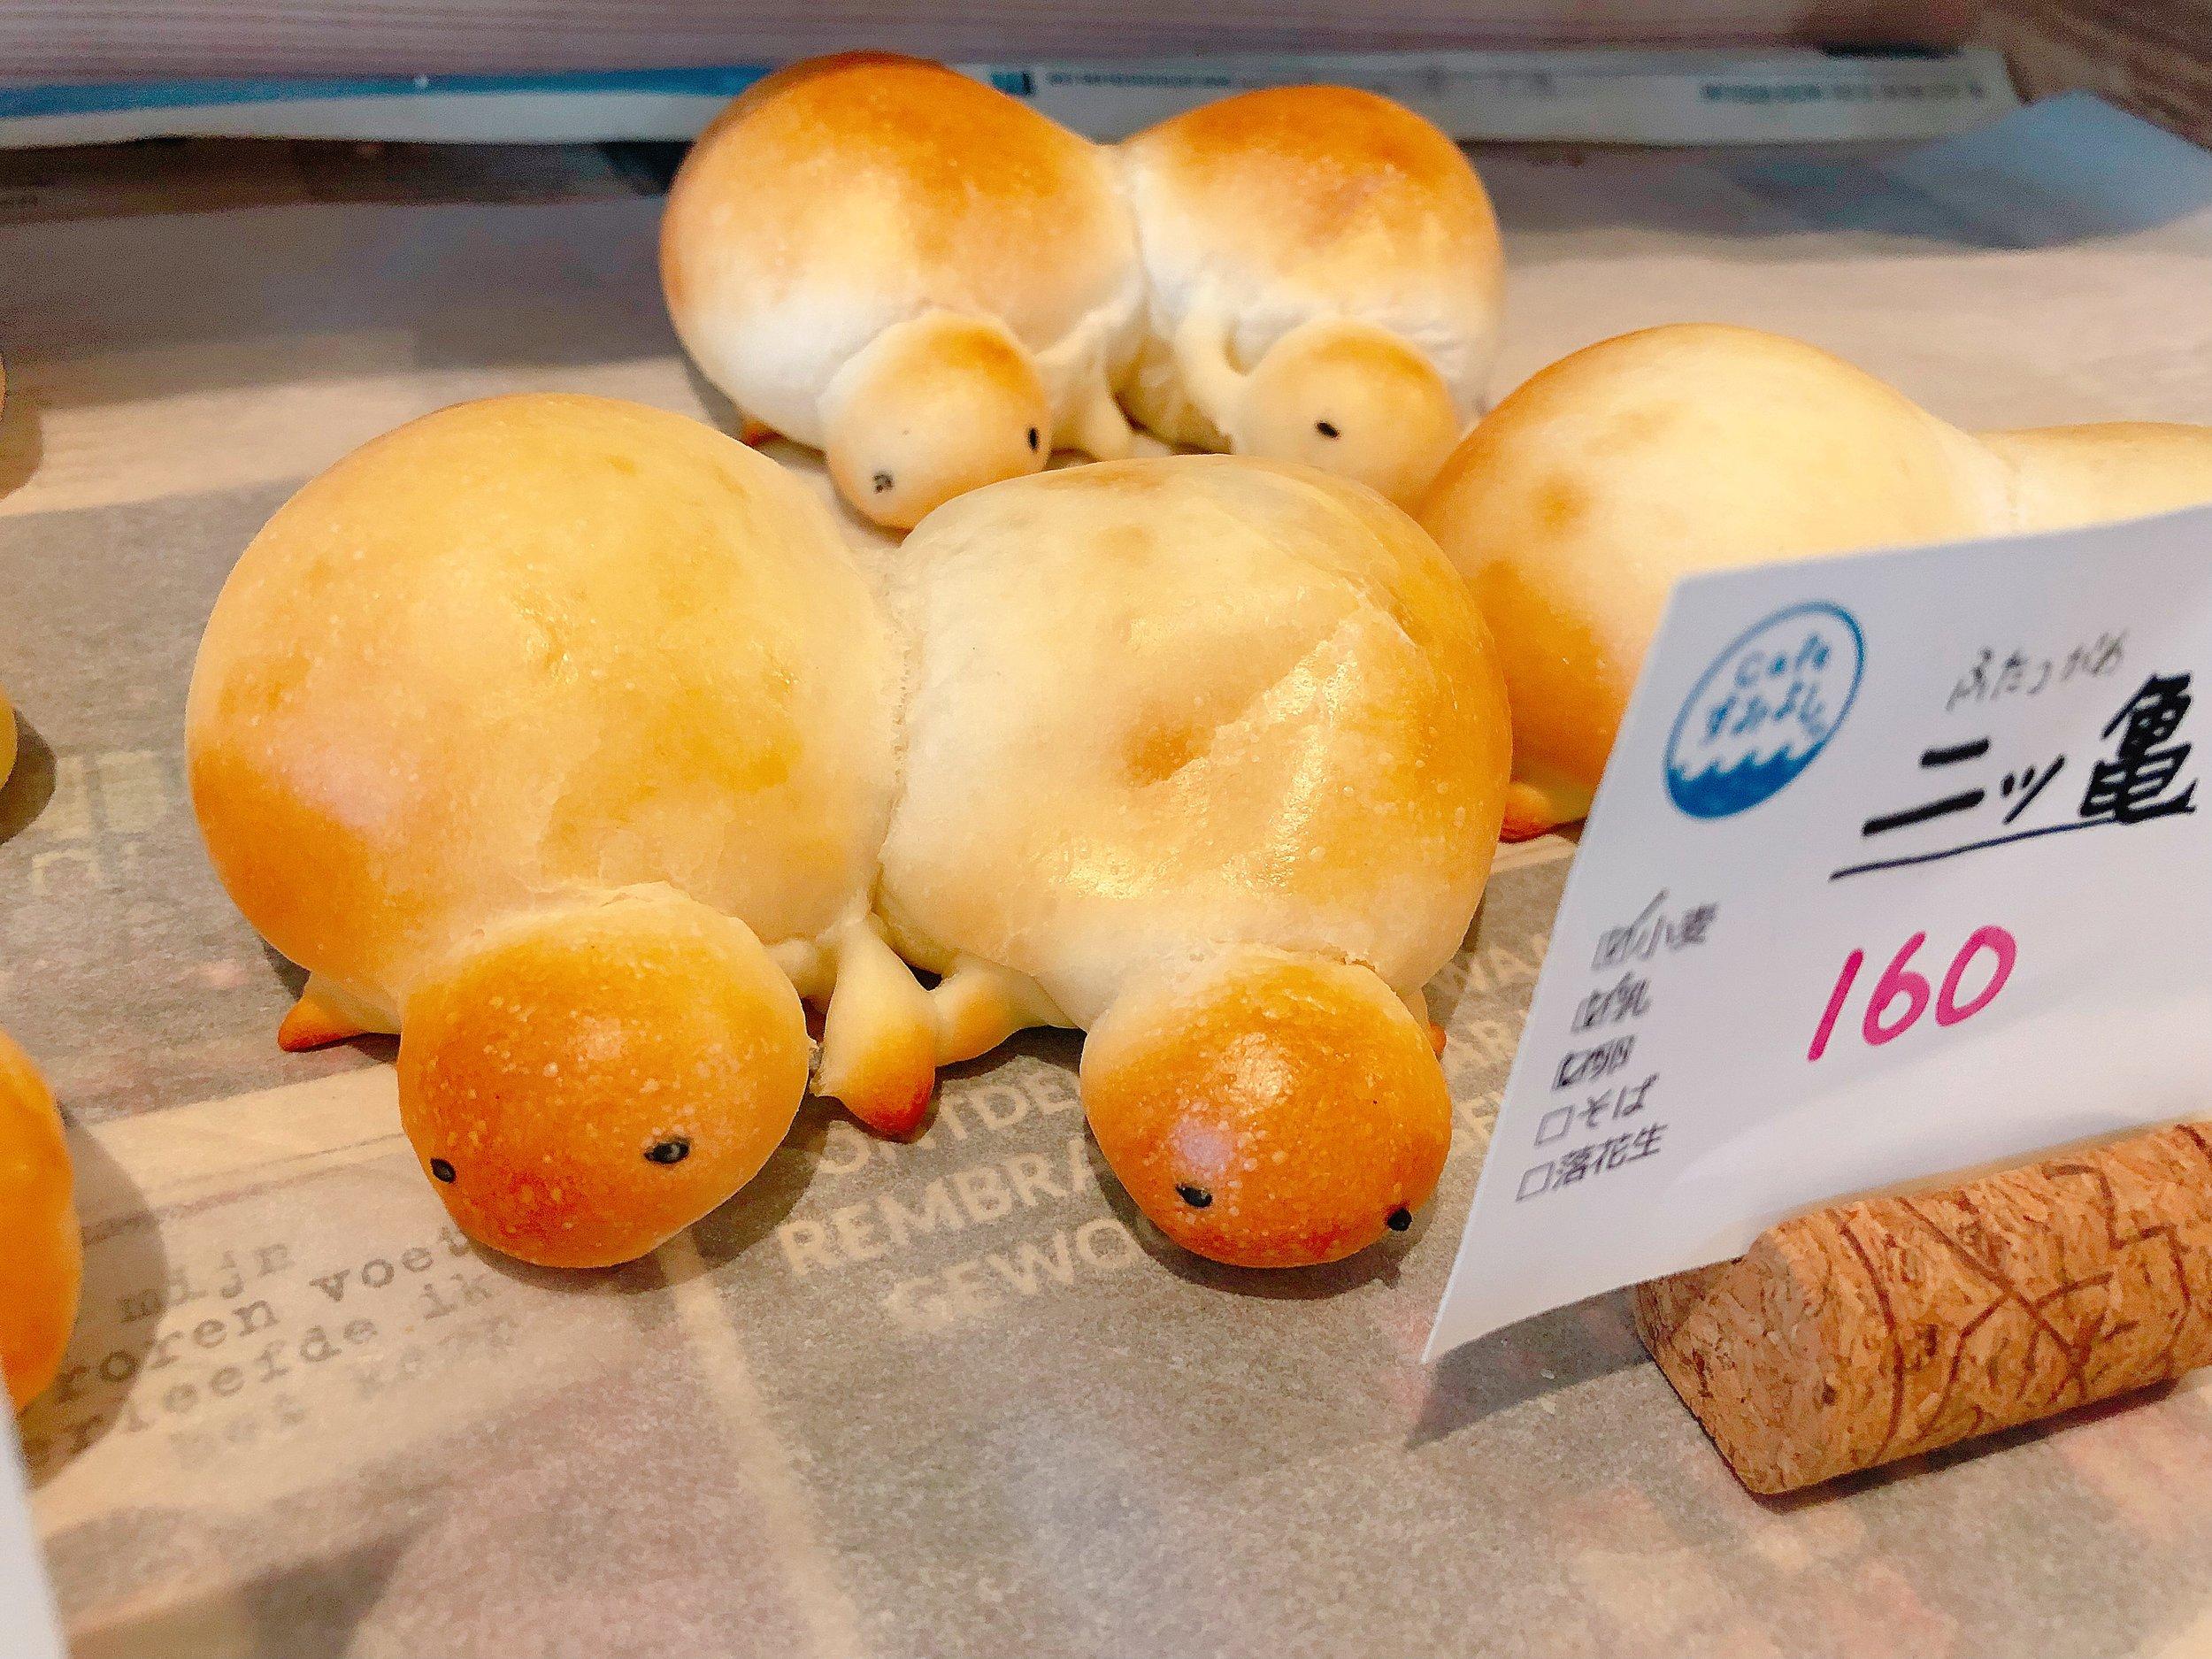 かふぇすみよしのパン「二ツ亀」